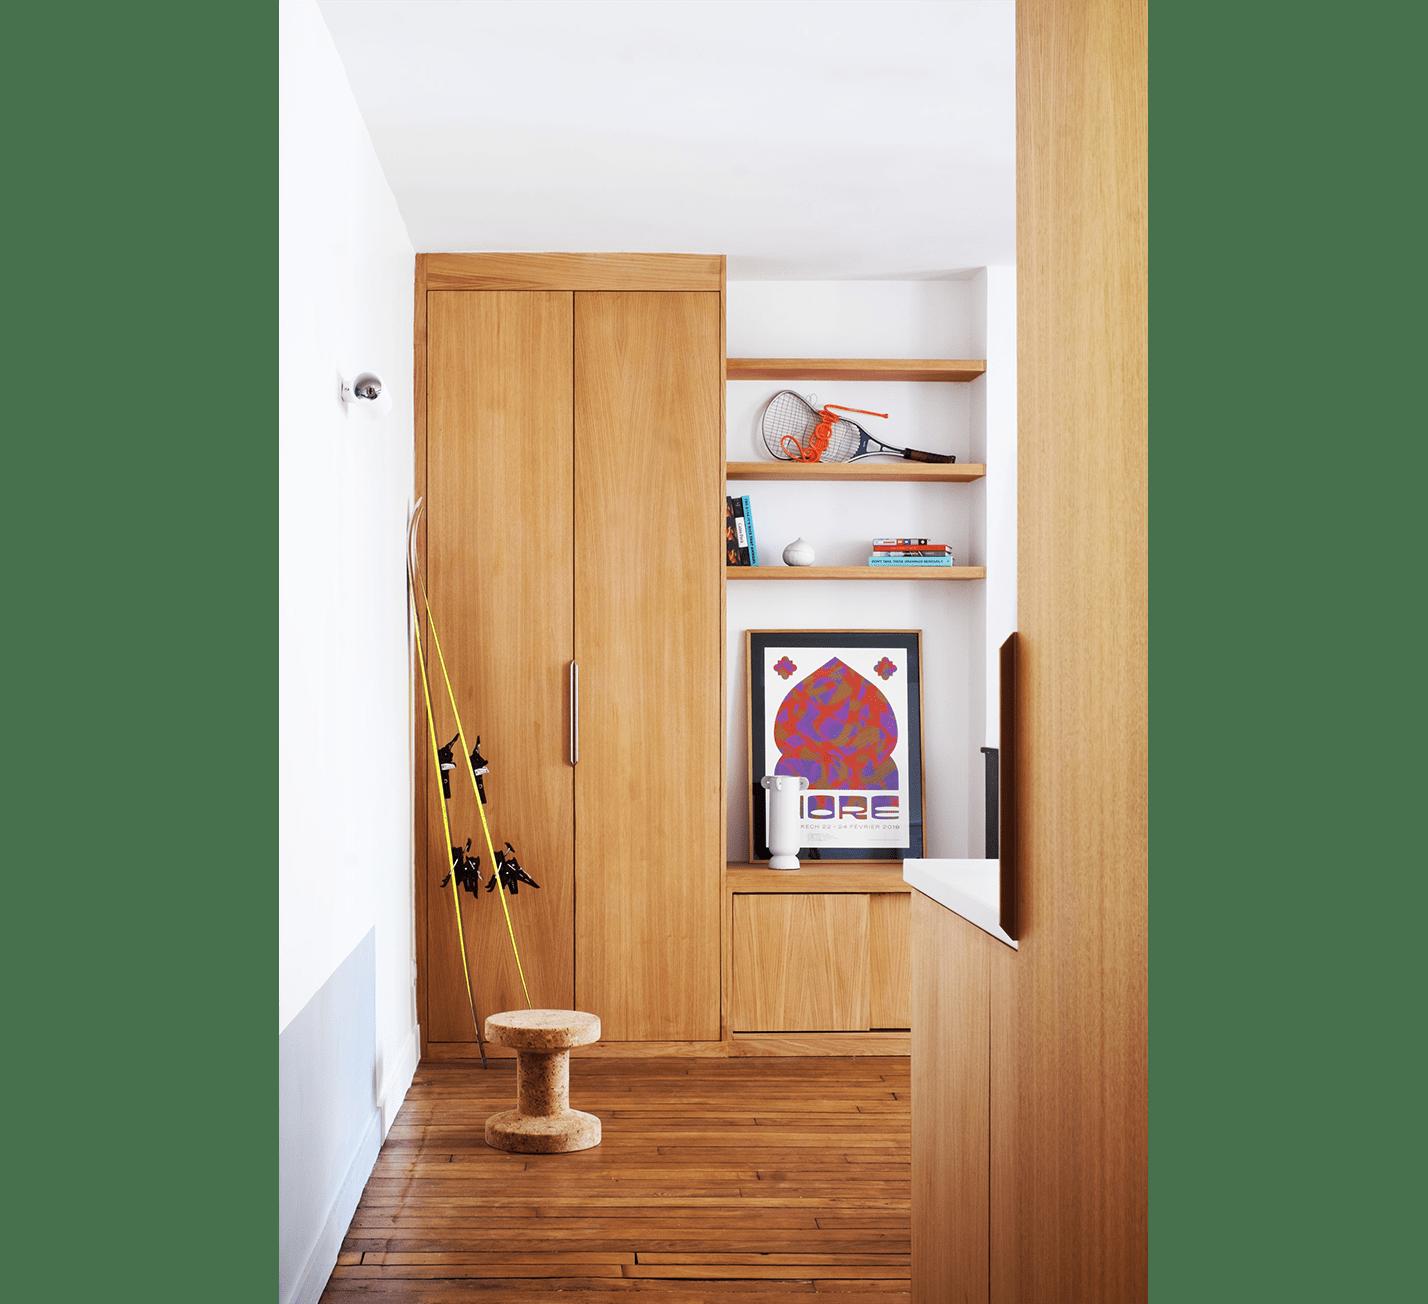 Projet-Montmartre-Atelier-Steve-Pauline-Borgia-Architecture-interieur-07-min